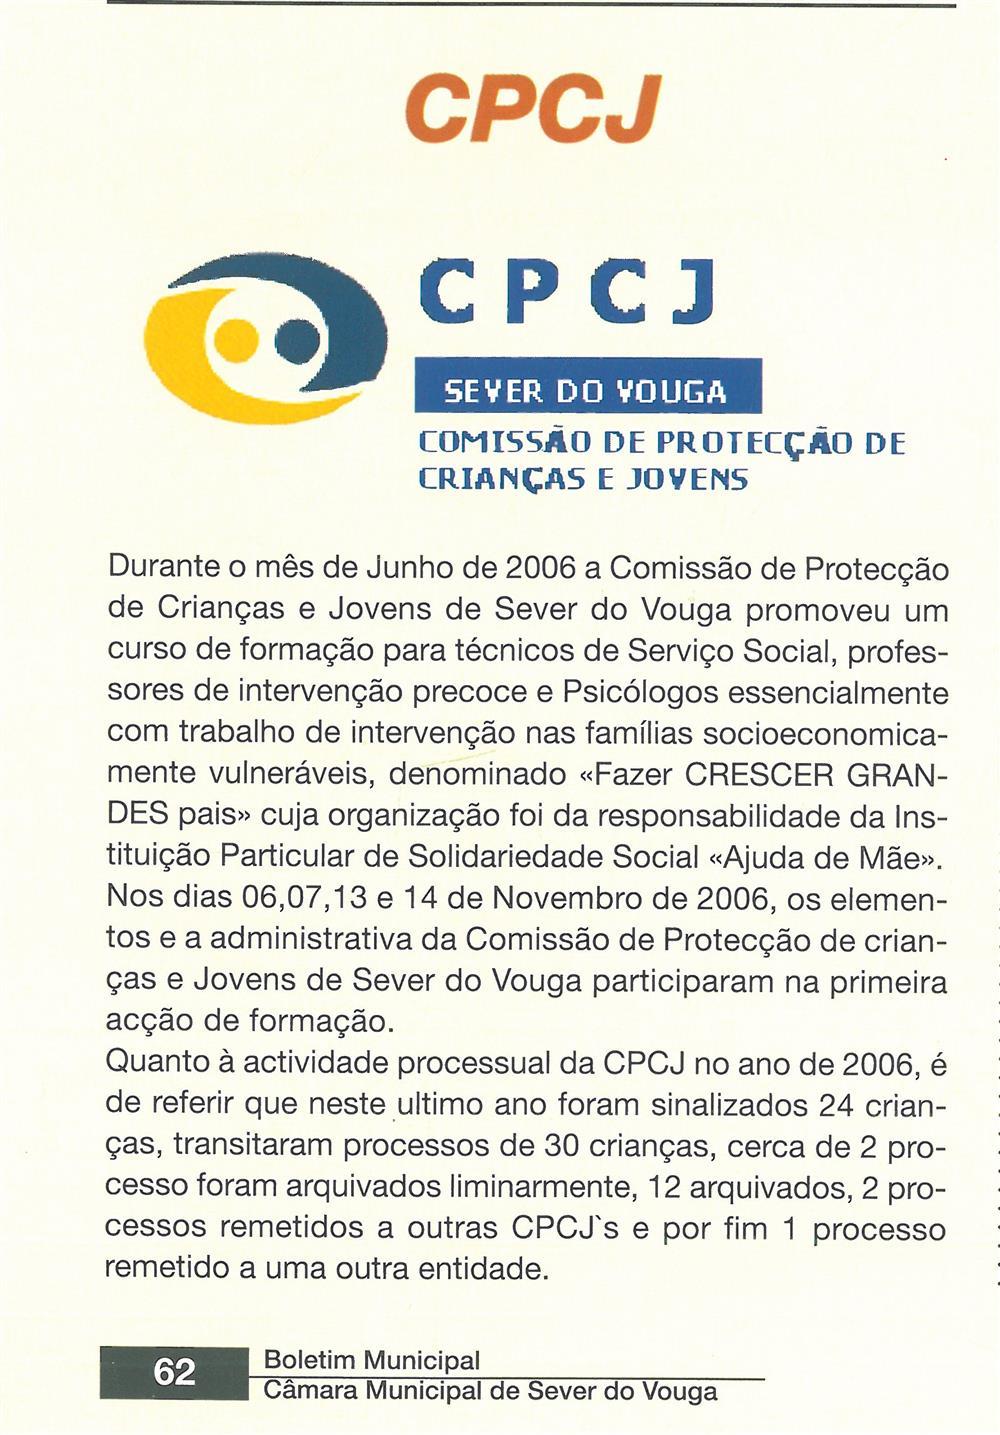 BoletimMunicipal-n.º 21-mar.'07-p.62-Ação social : CPCJ Sever do Vouga.jpg